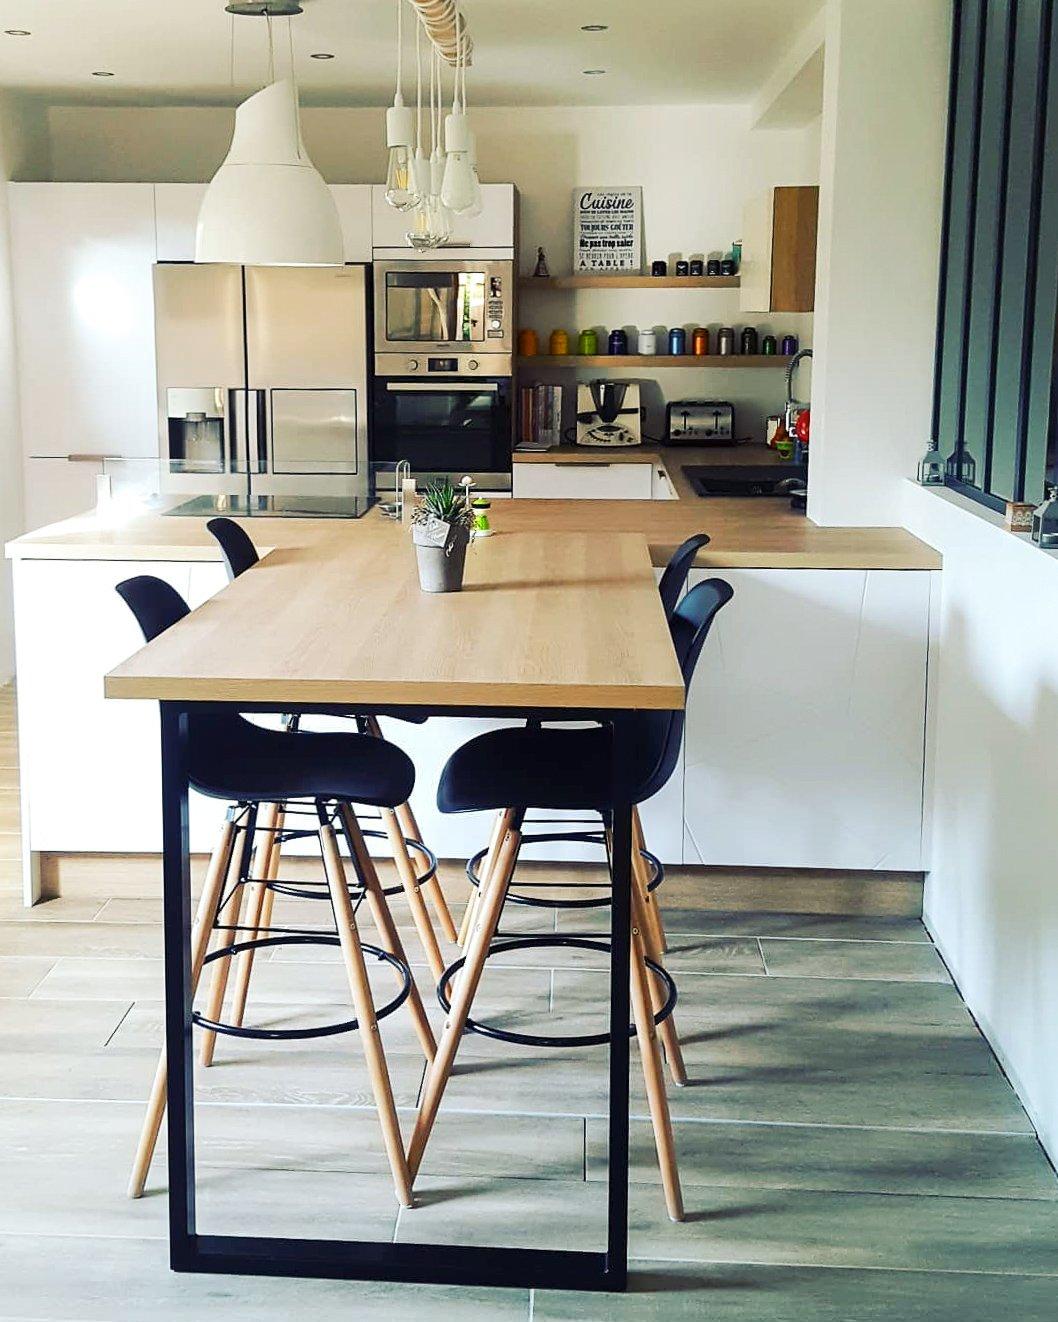 Ilot Central Et Table Îlot et plan de travail : inspirations cuisine - ripaton